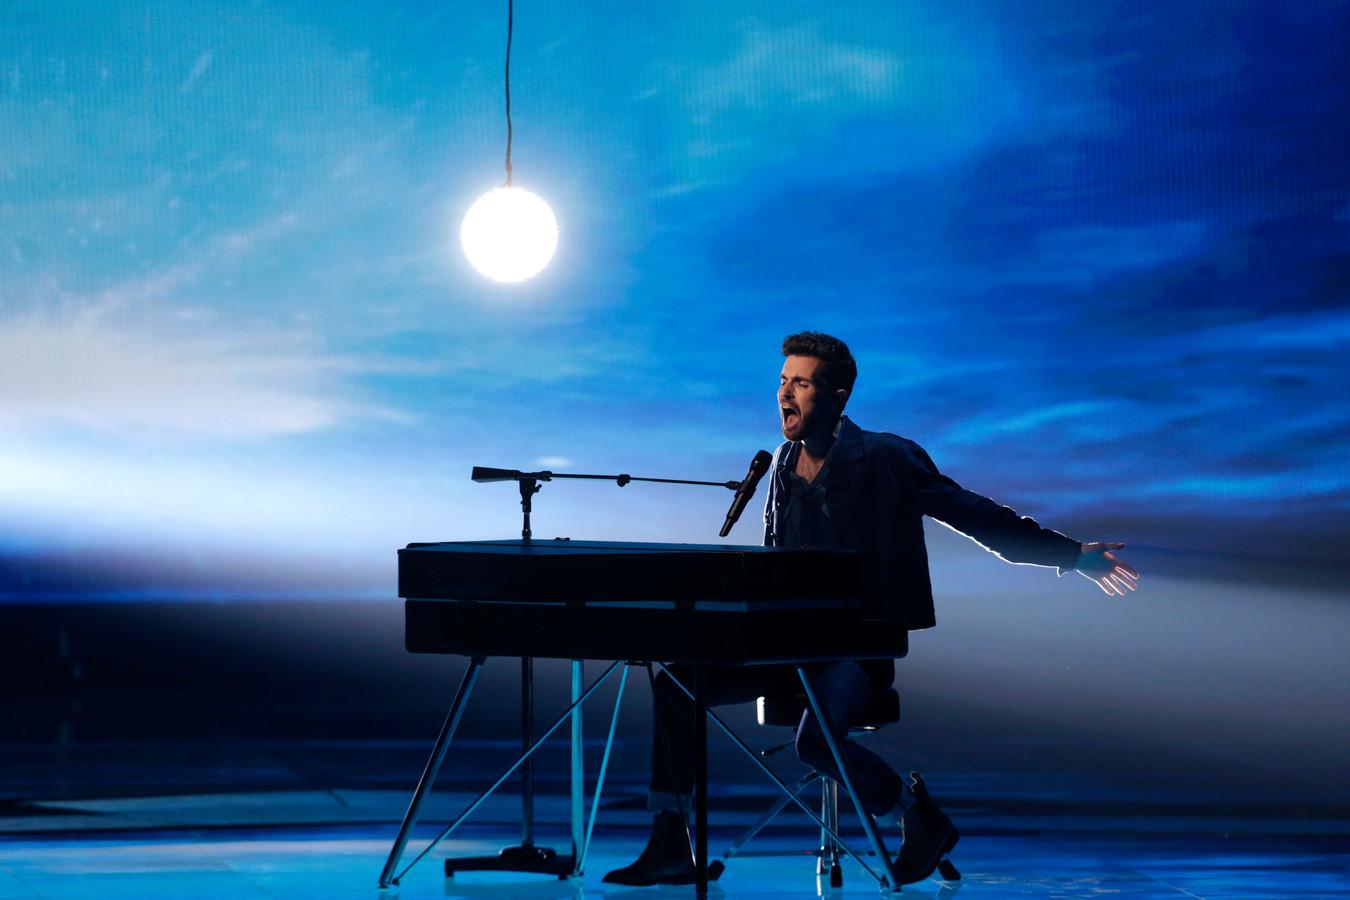 Duncan Laurence won dit jaar het Songfestival. Dat betekent dat Nederland het evenement volgend jaar mag organiseren.